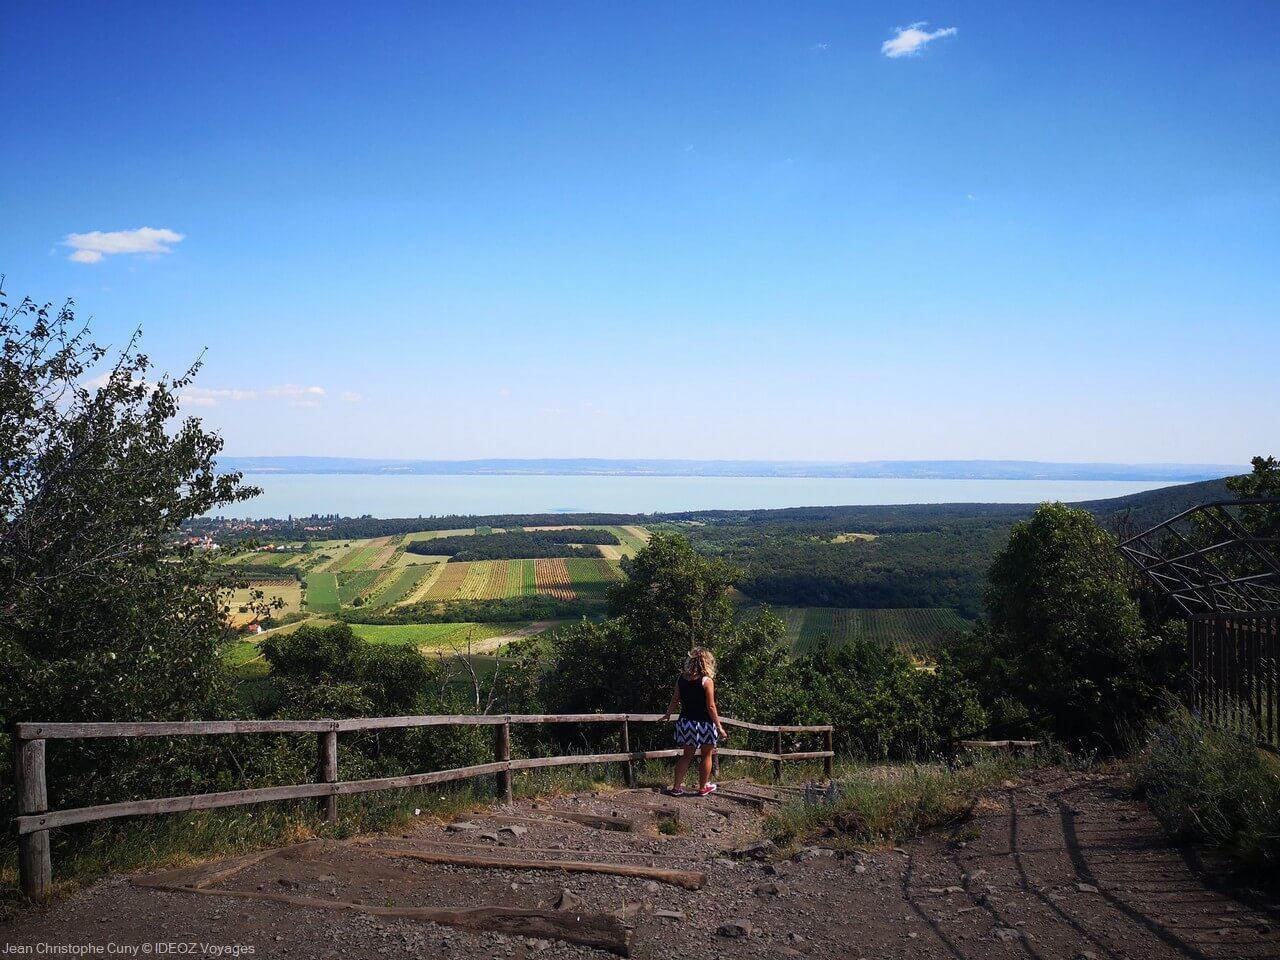 Le lac Balaton en été : une escapade au coeur des trésors du Bakony 13